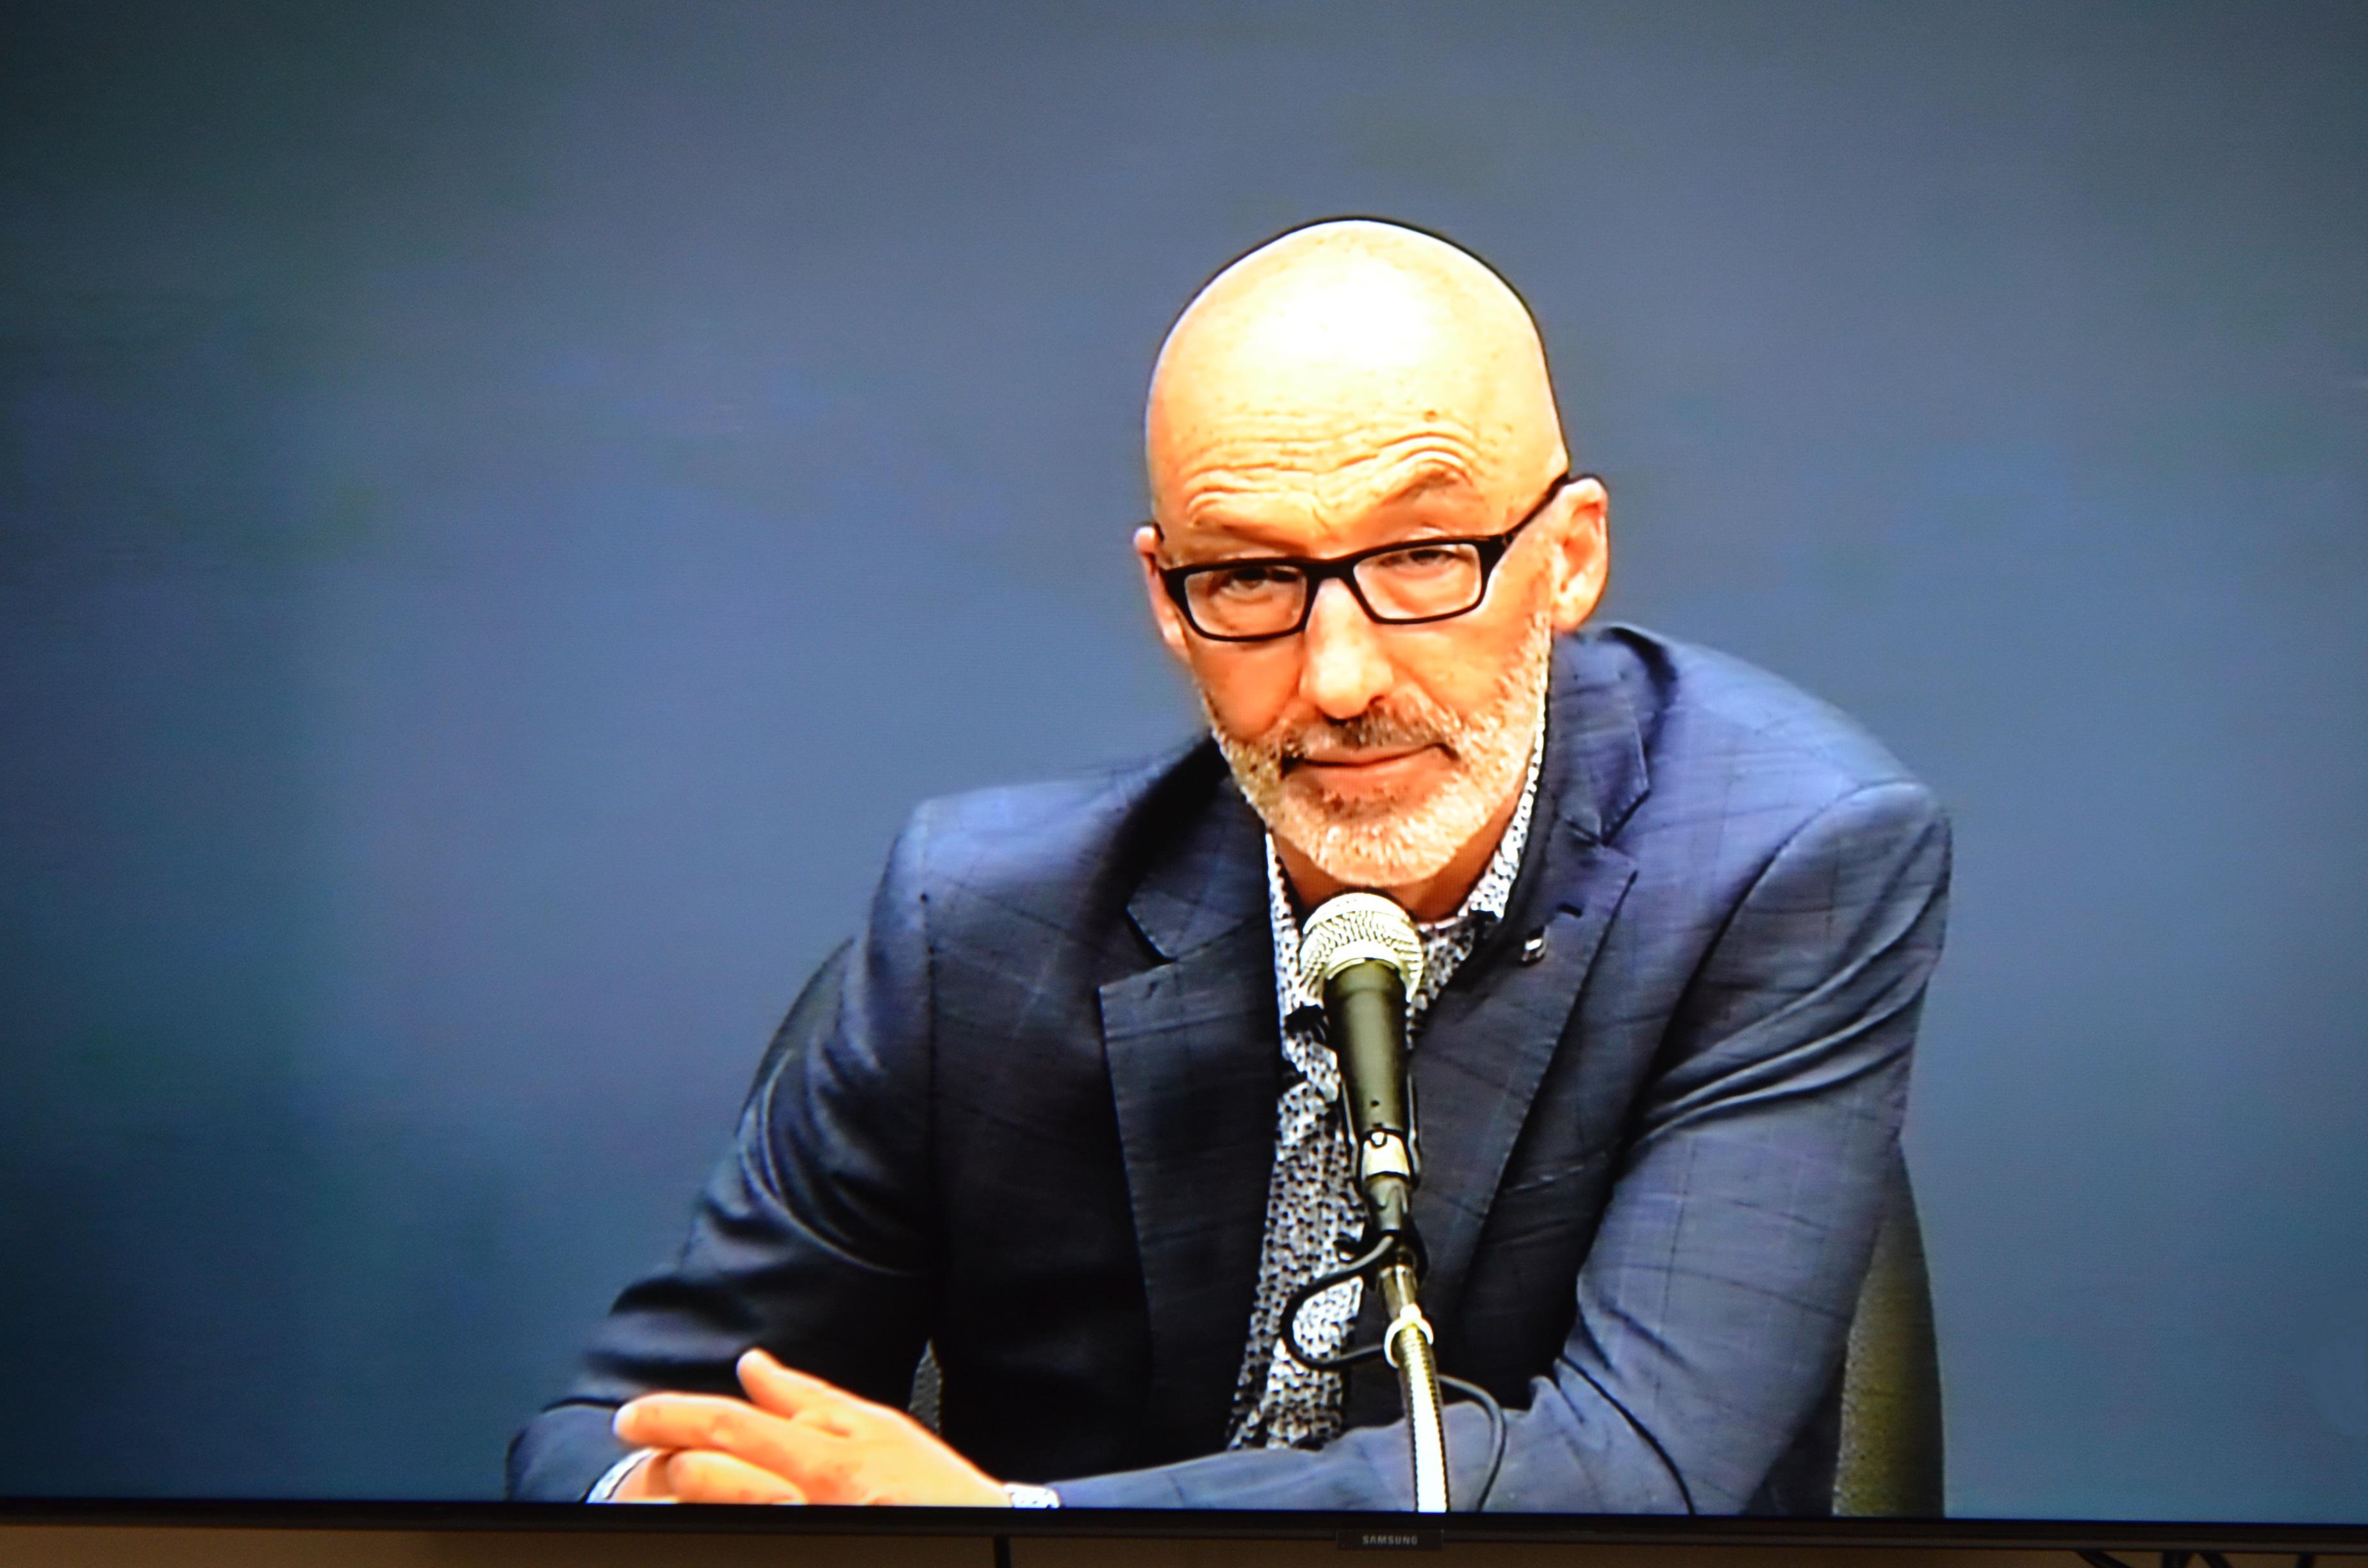 Le maire Marc Parent lors de la séance du conseil municipal de Rimouski le 4 mai 2020.